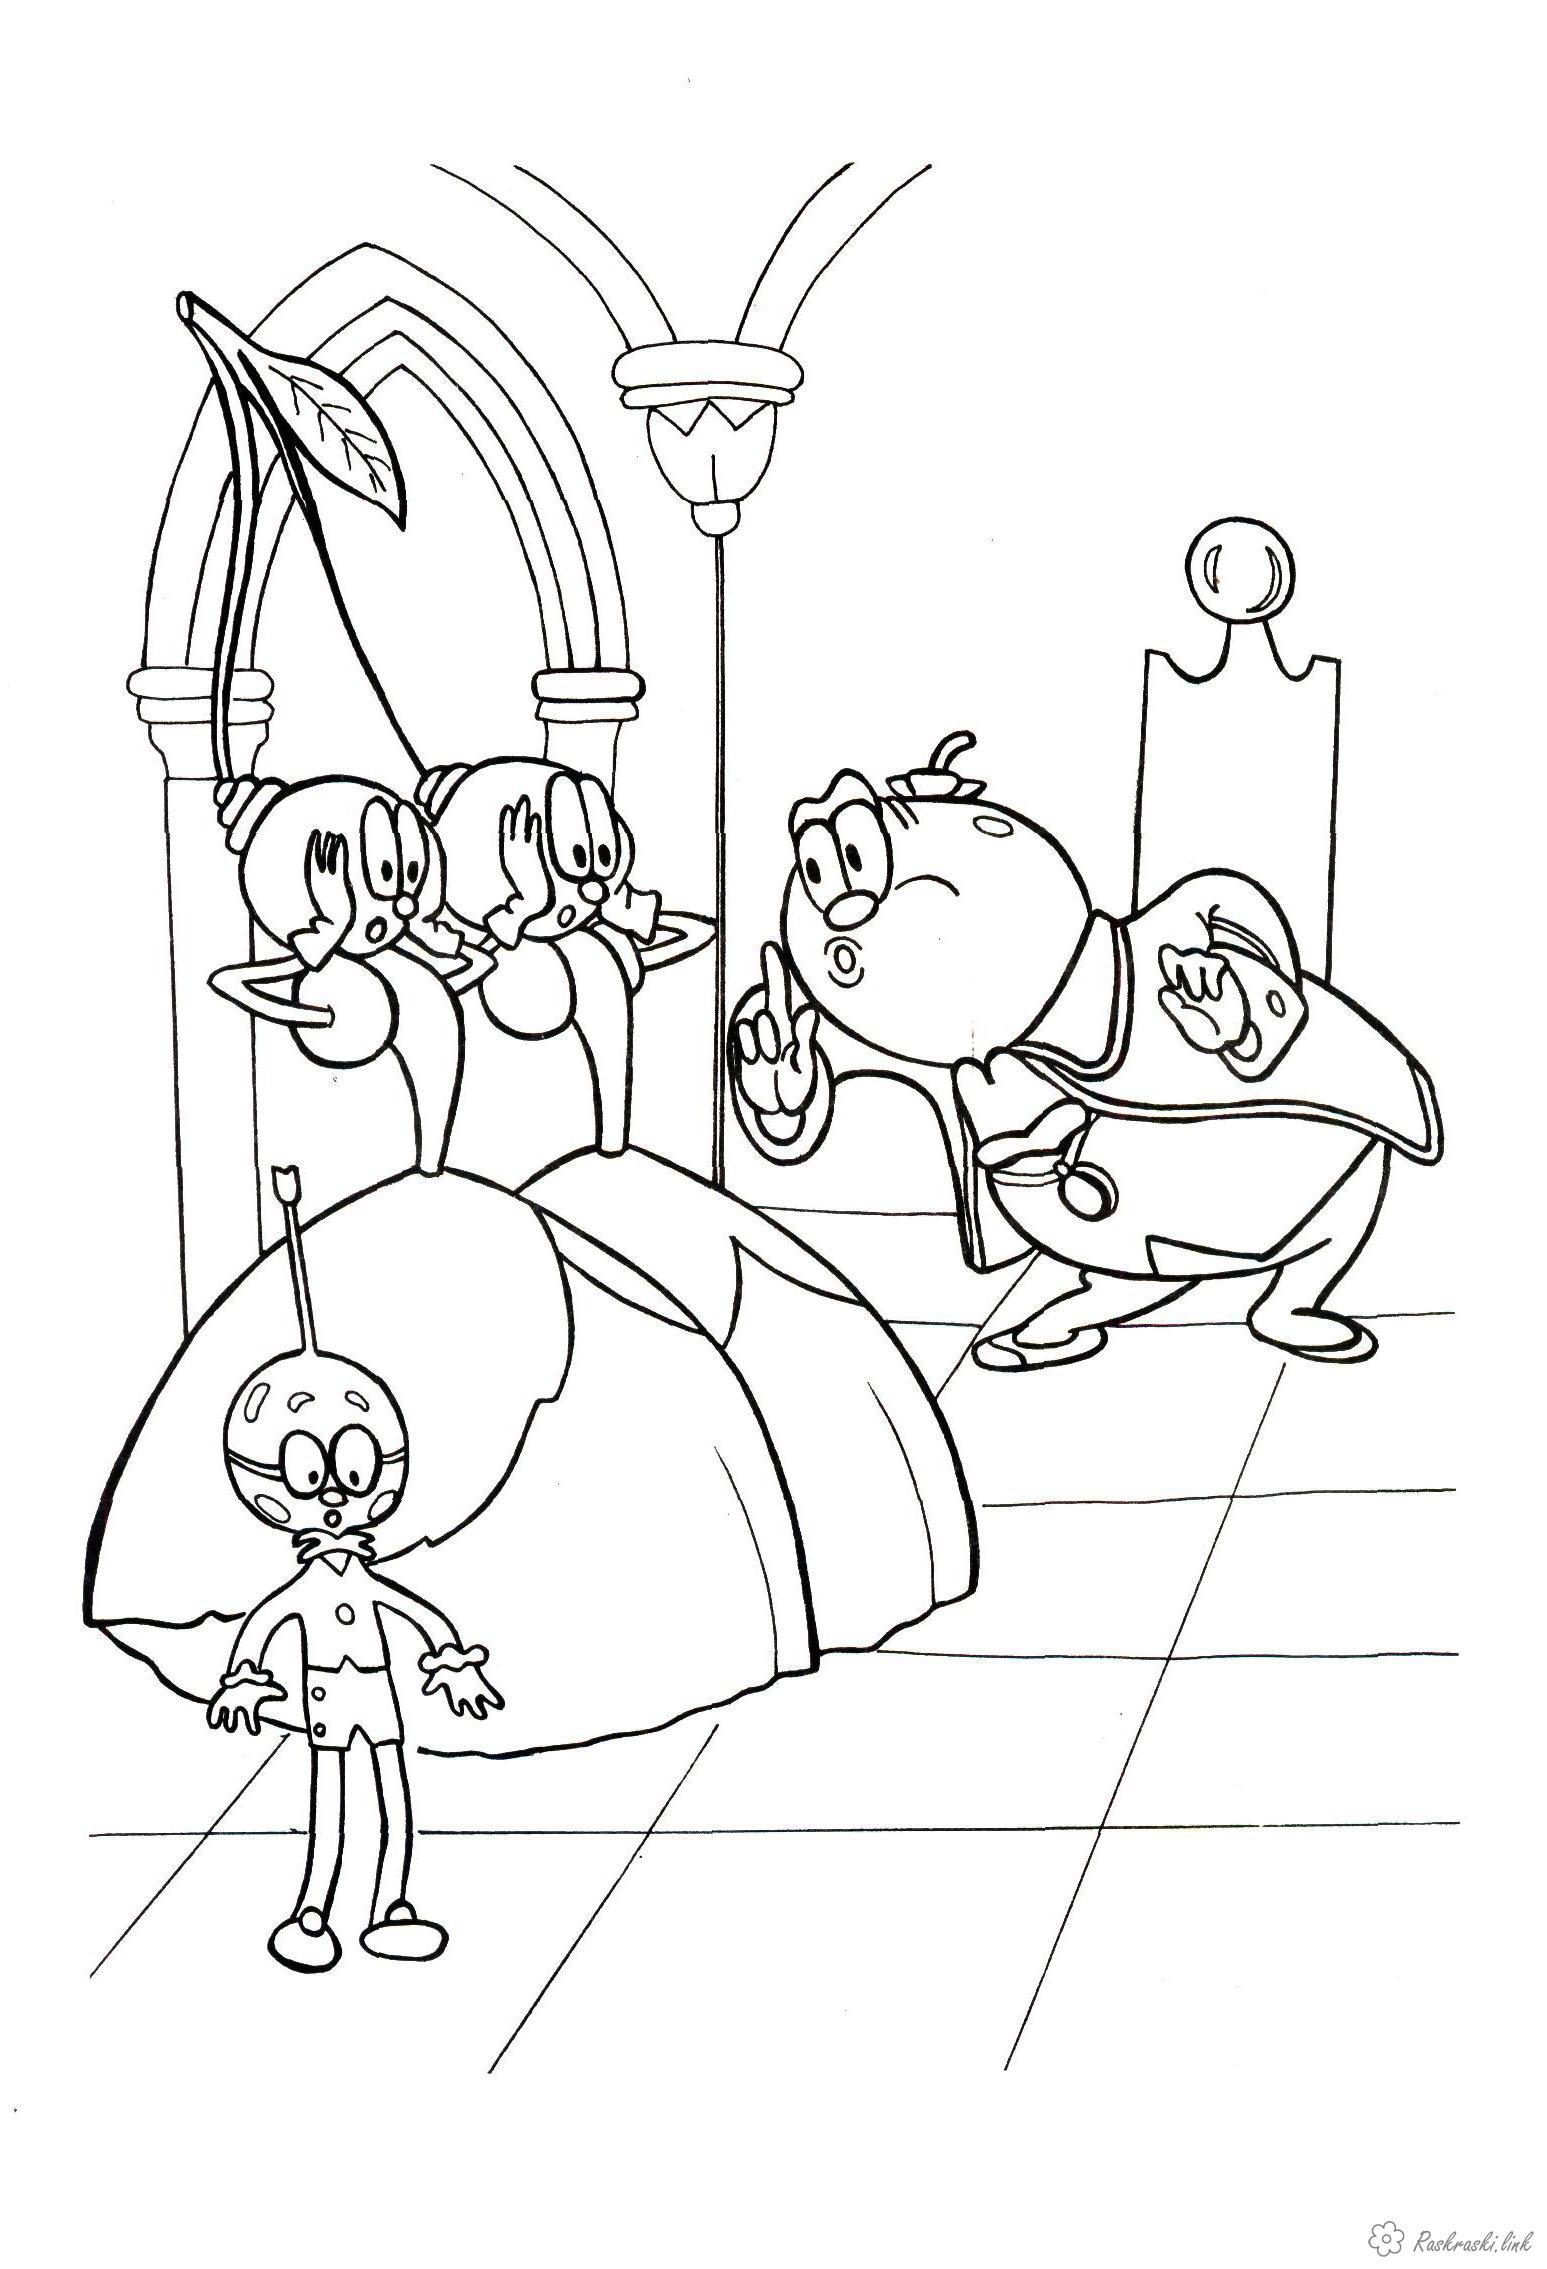 Розмальовки вишні Синьйор Помідор, розфарбування, графині Вишні, Чіполіно